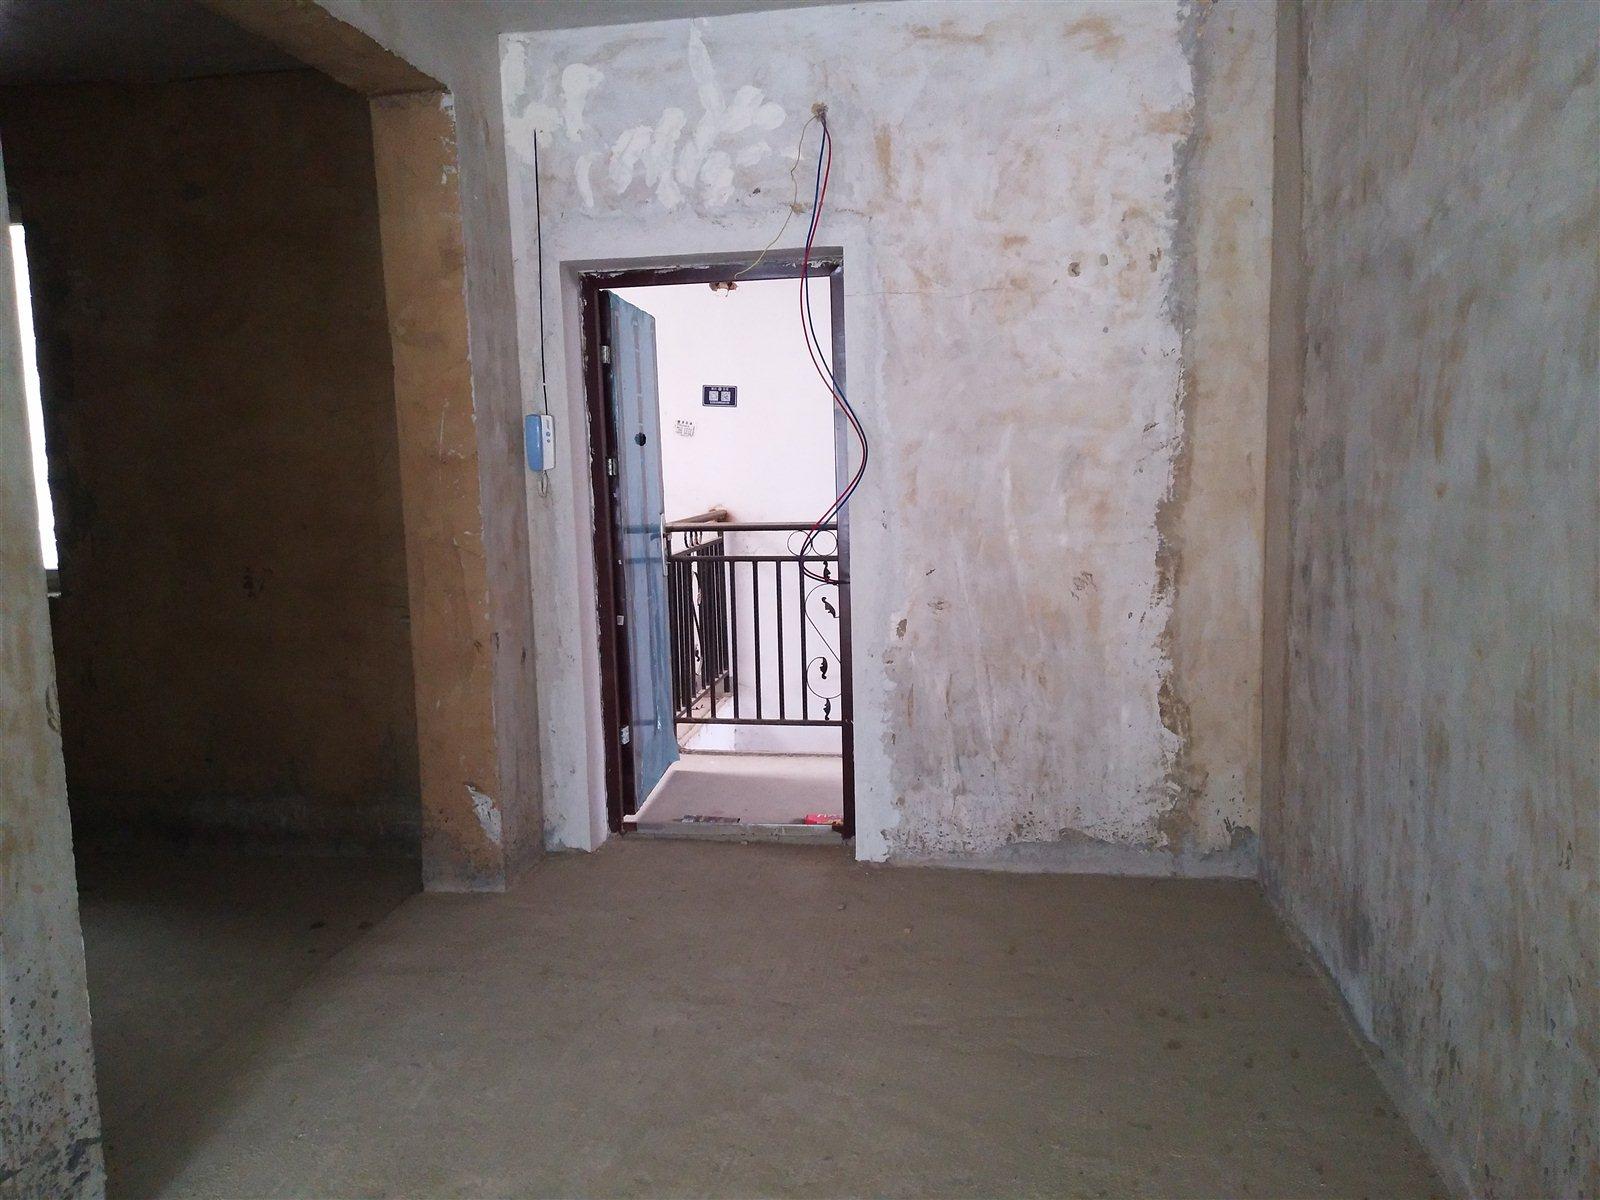 广建社区3室 2厅 1卫18.18万元